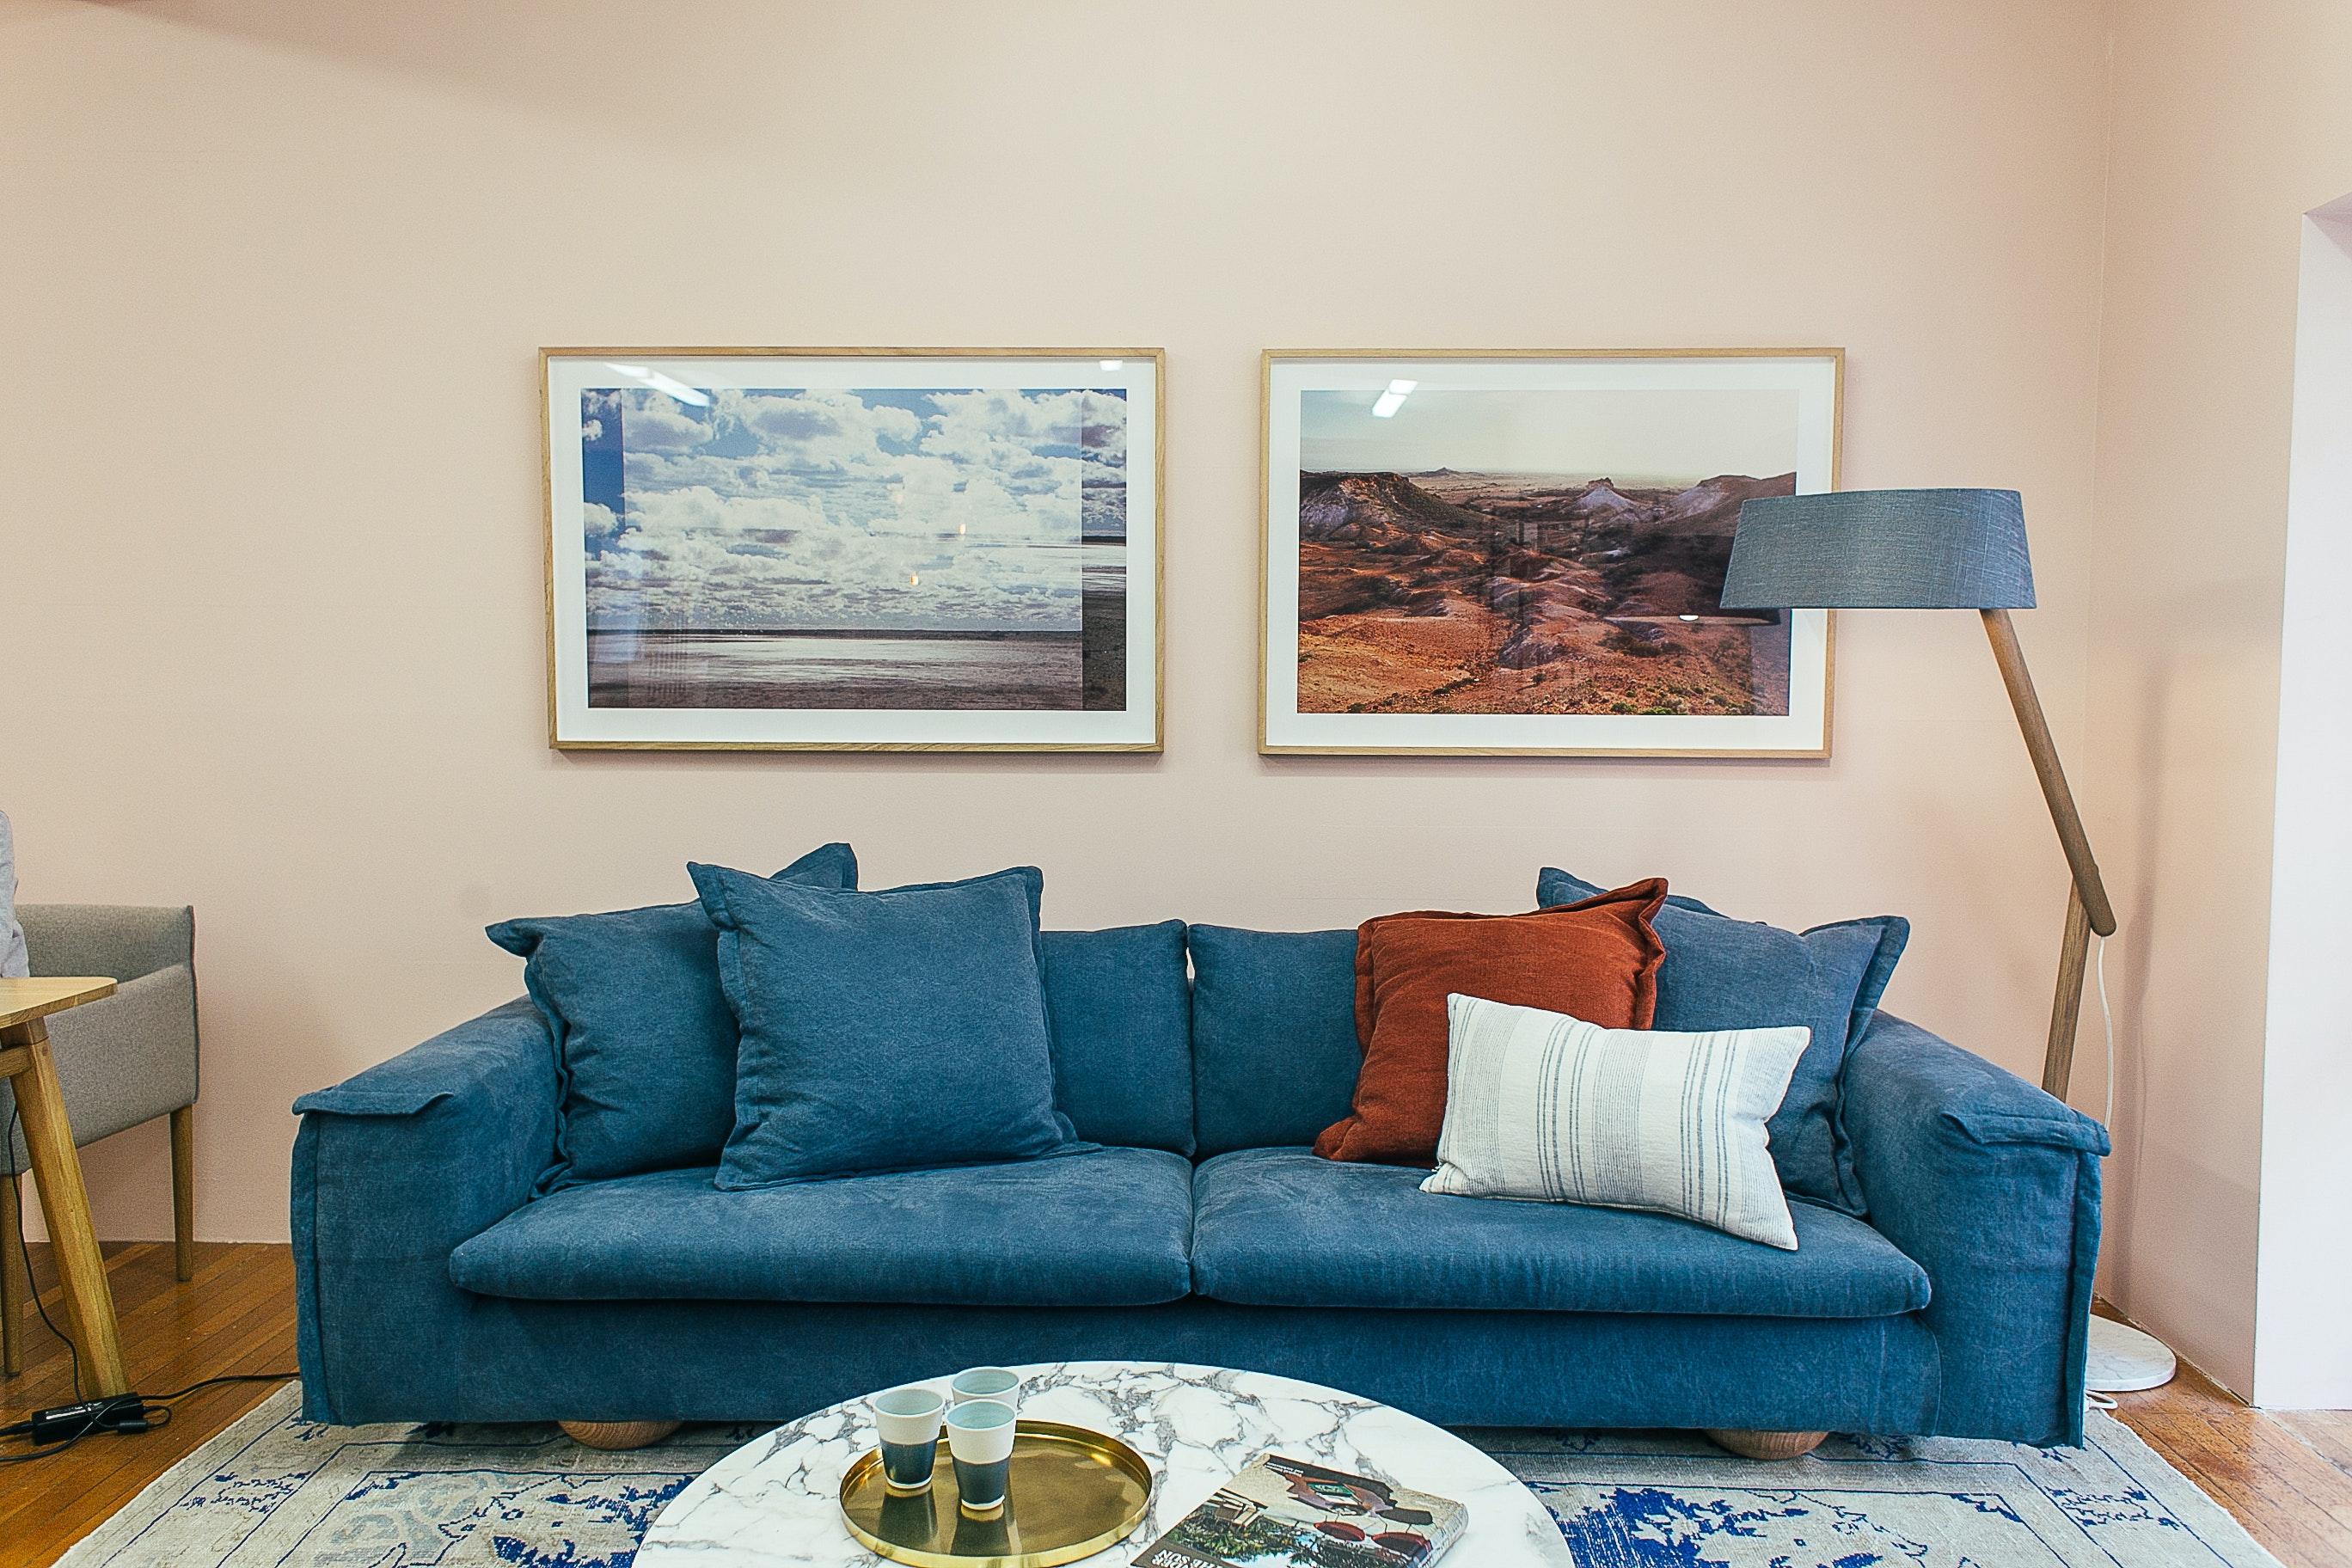 Intérieur moderne avec canapé bleu